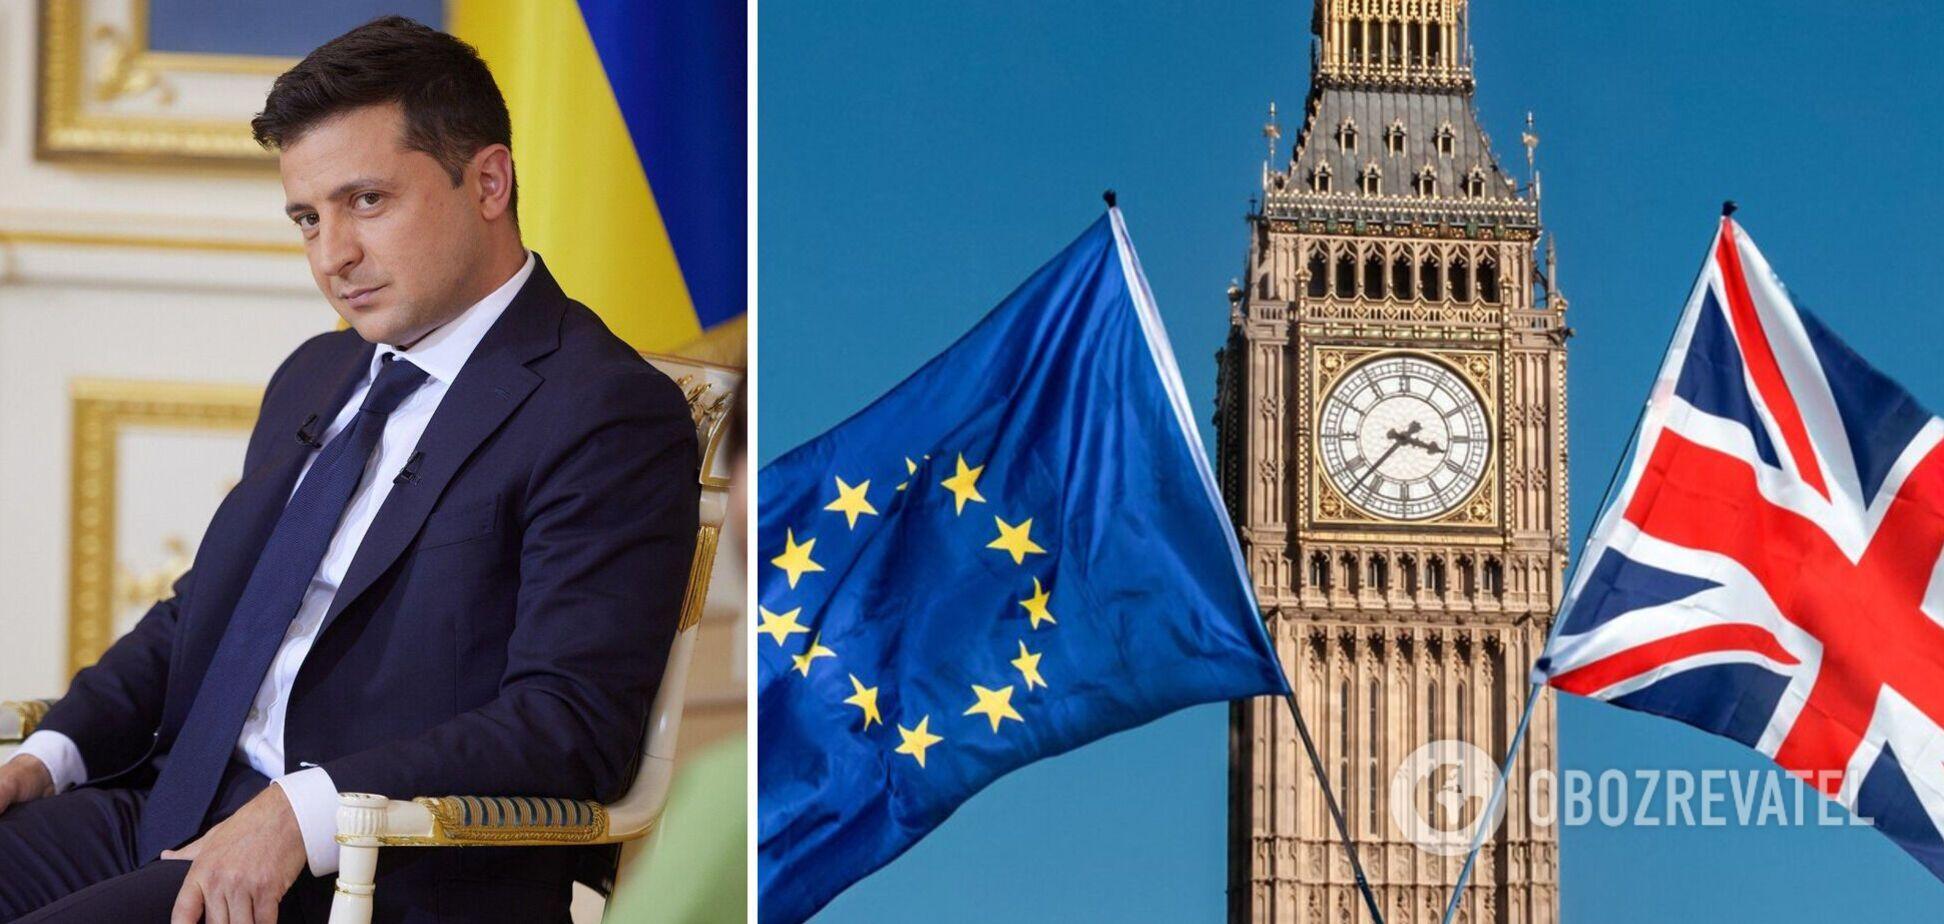 Зеленский обыгрывает РФ и добивается поддержки ЕС и Великобритании